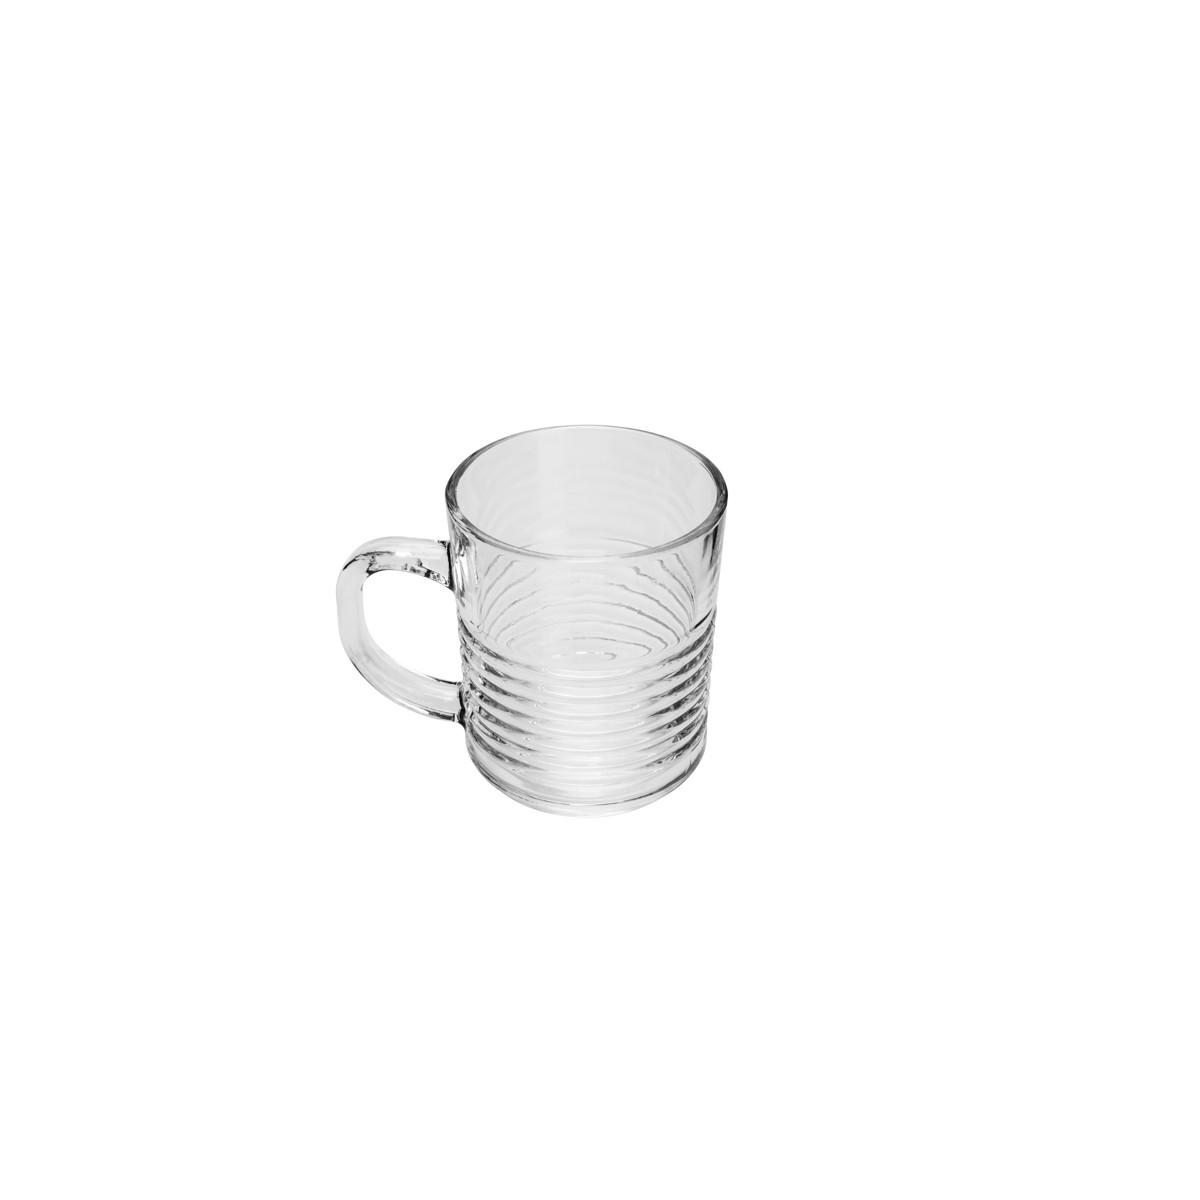 Cj 6 Canecas de Vidro Sodo-Calcico Colmeia 330 ml